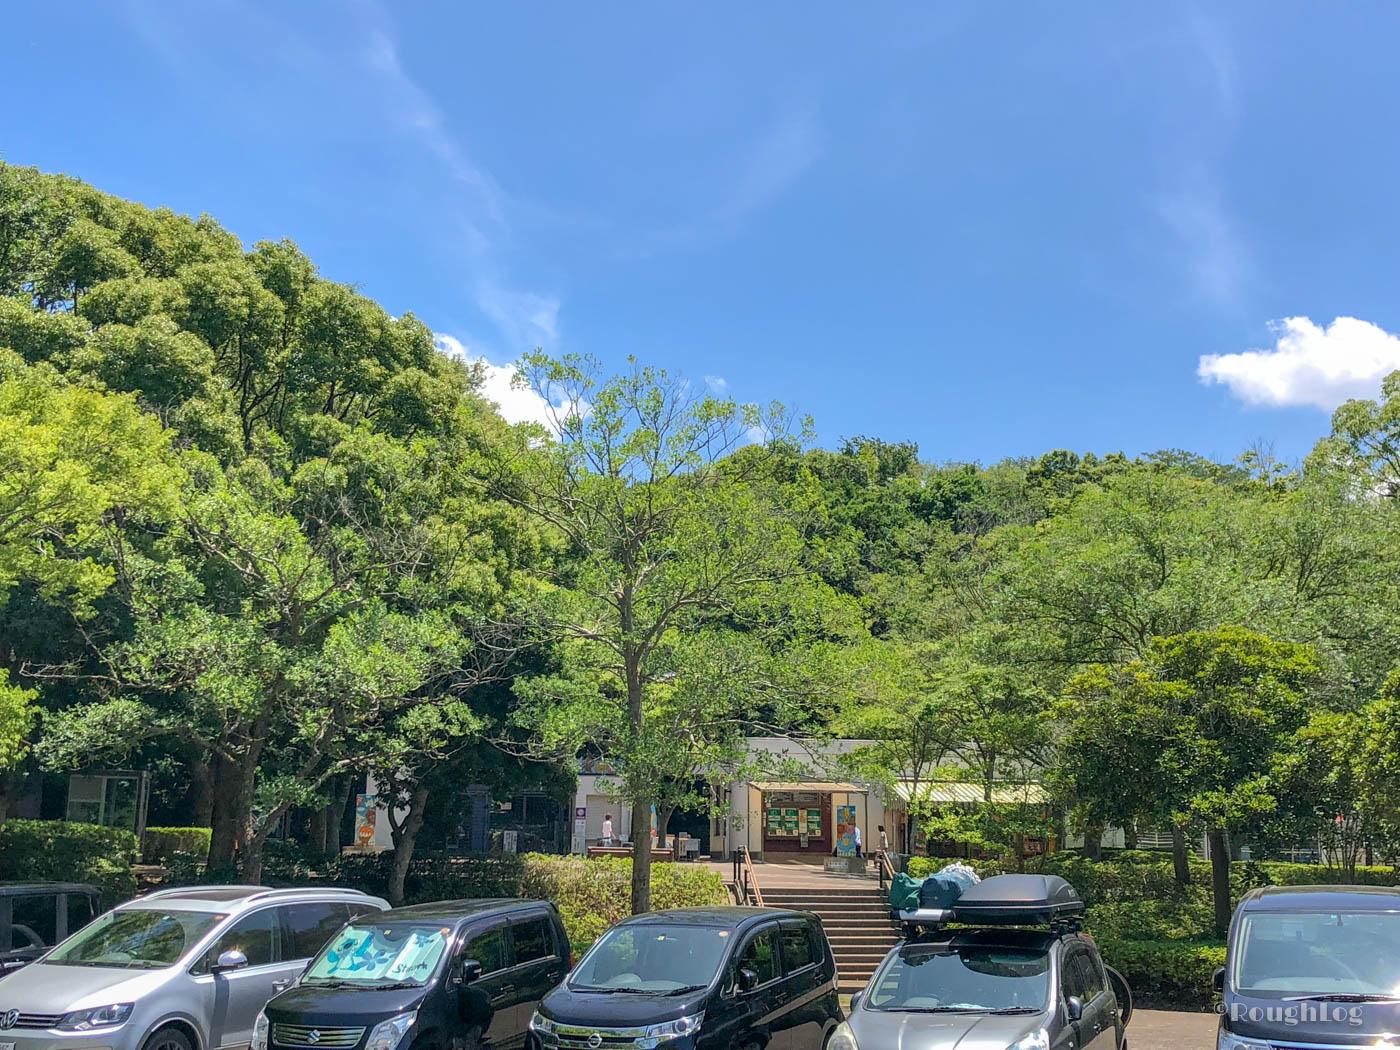 千葉市動物公園の駐車場は普通車700円